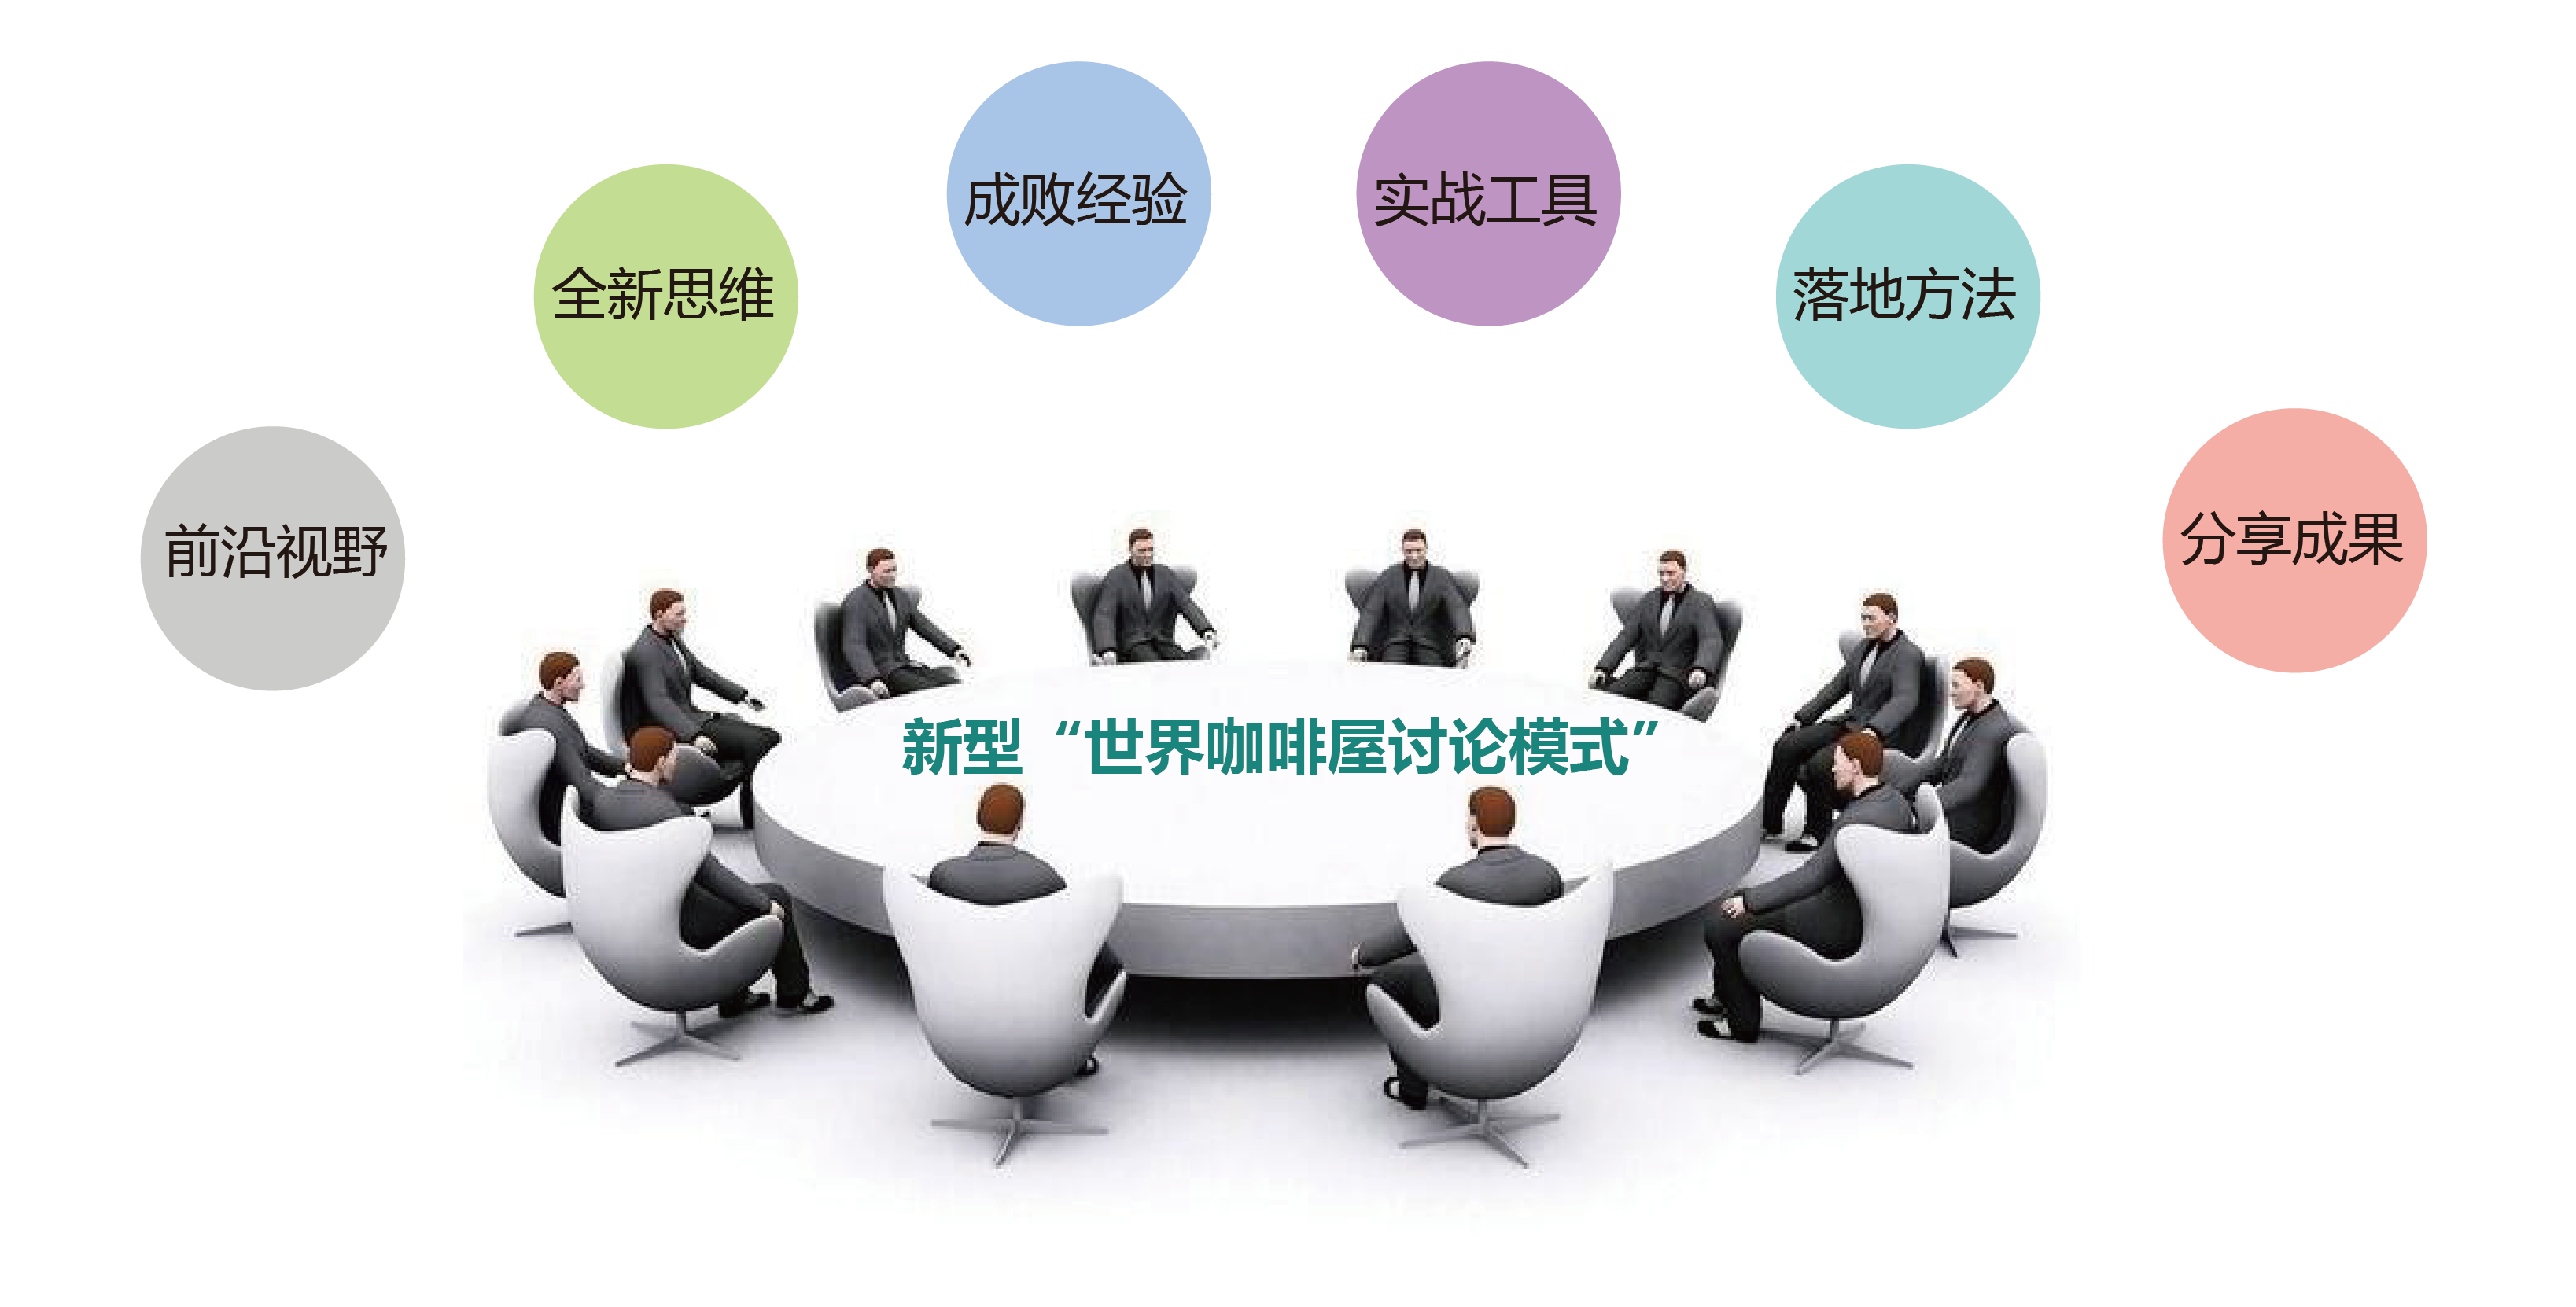 经营管理_互联网emba新模式总裁班【融易学金融学院】图片